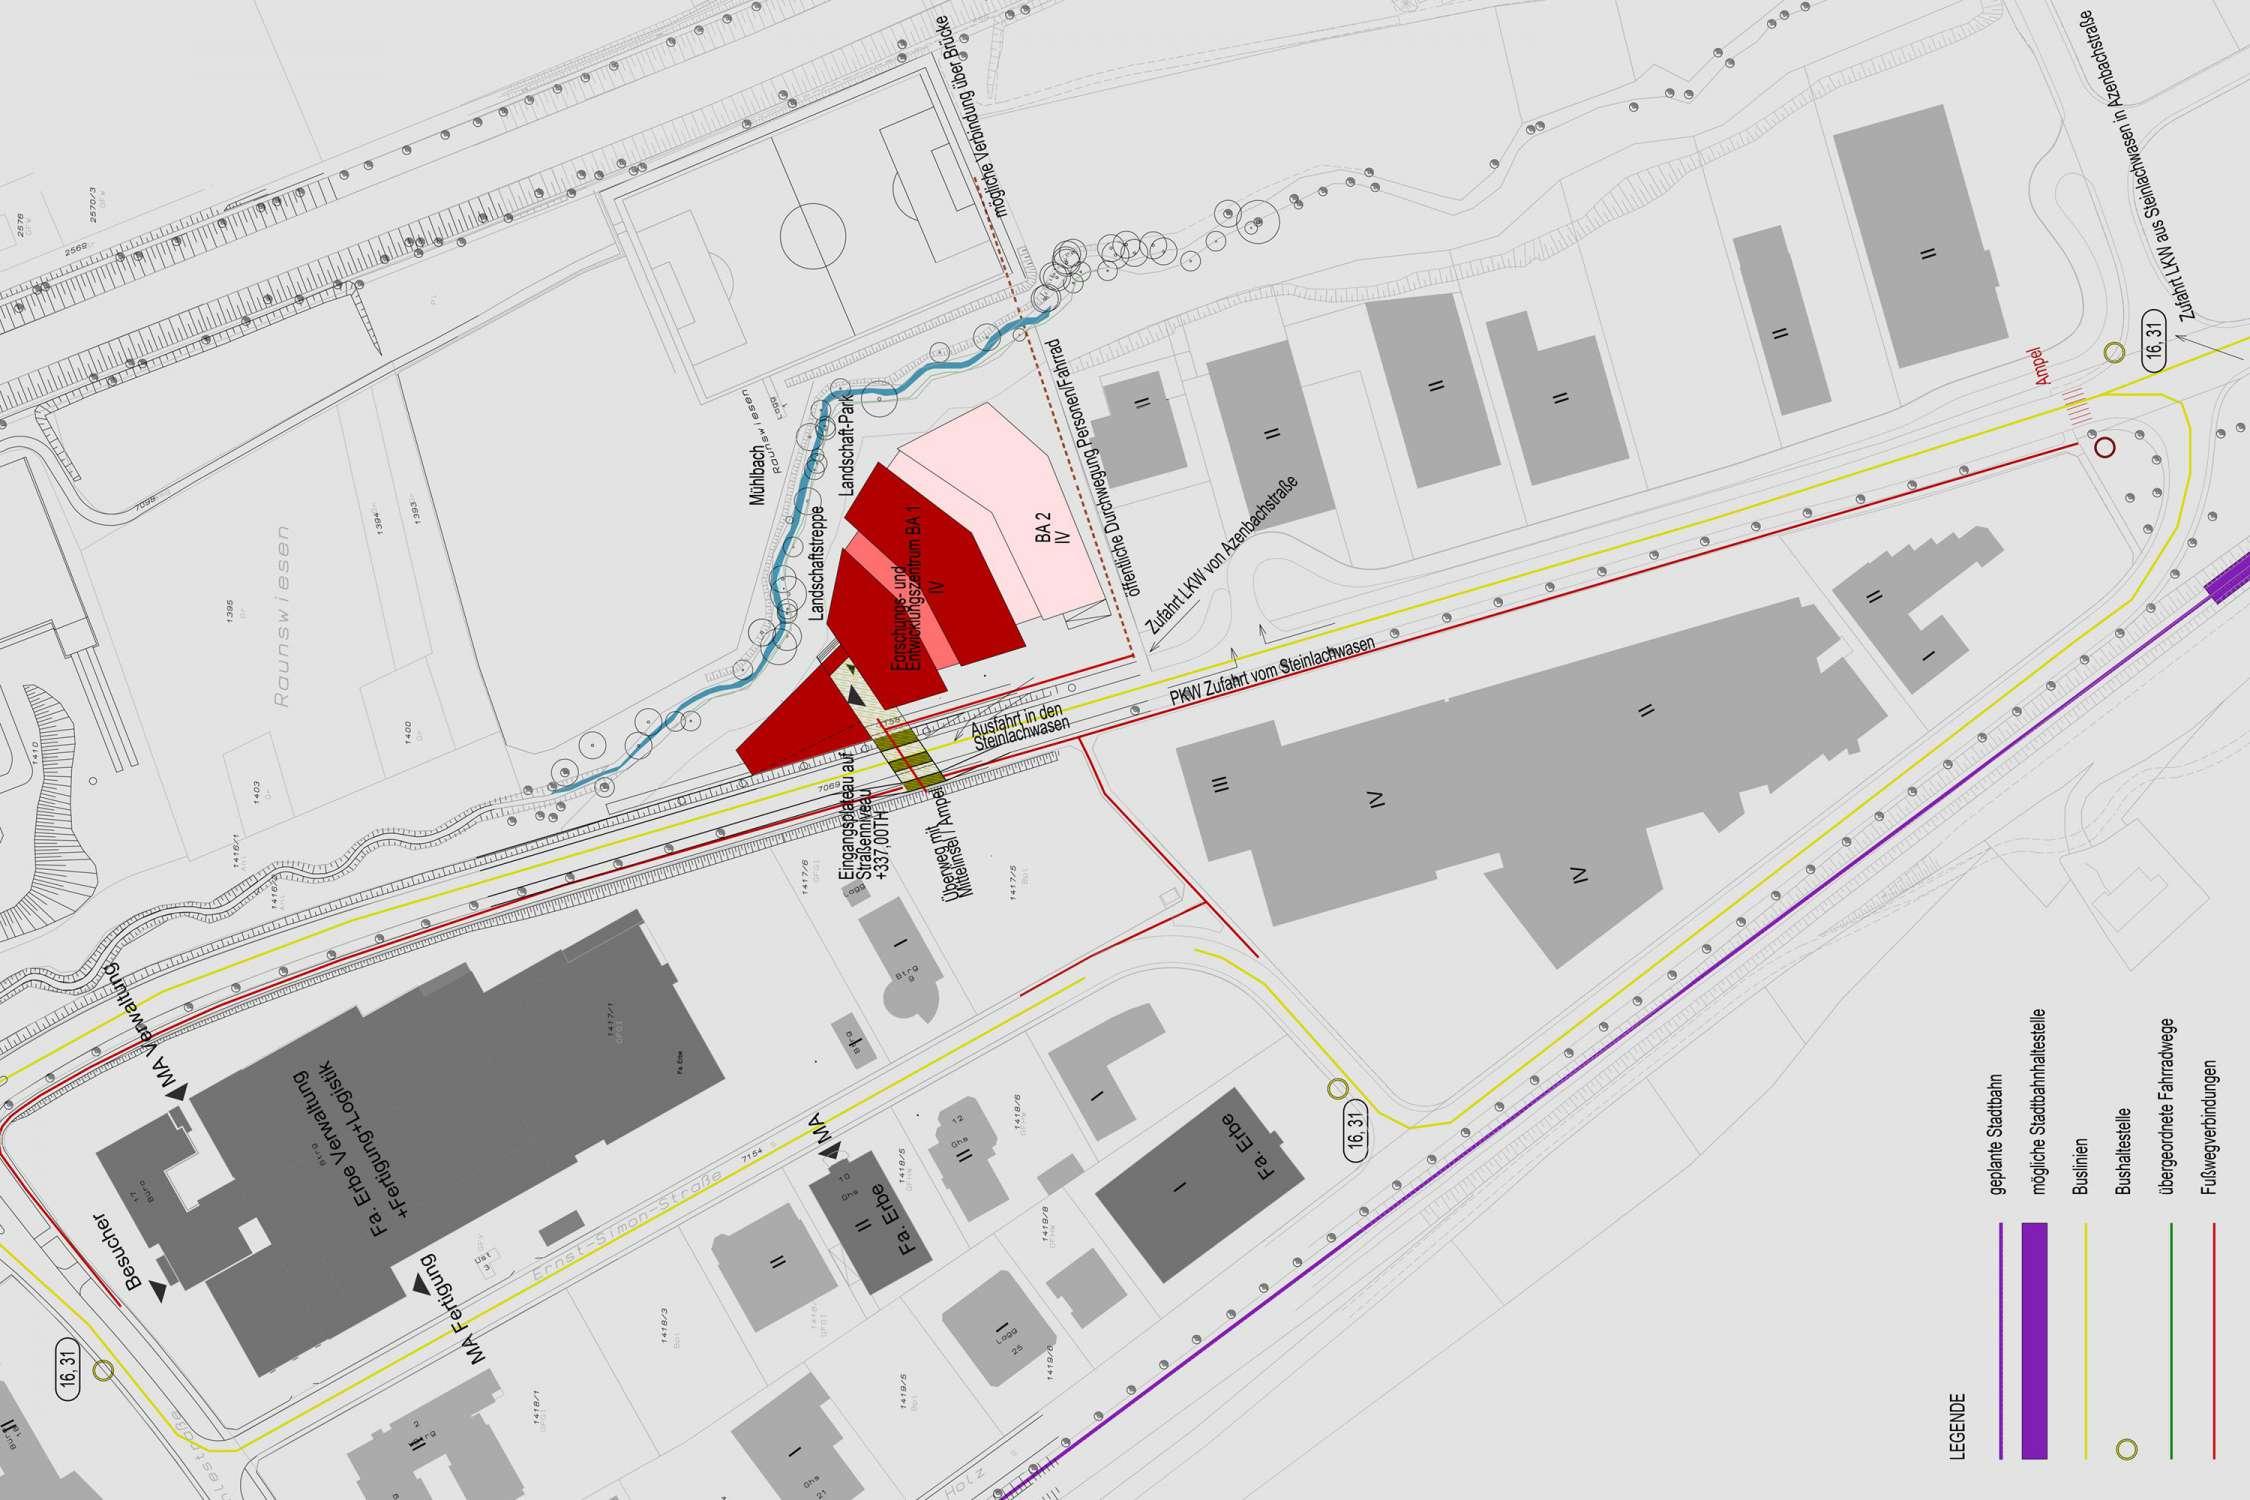 Forschungs- und Entwicklungszentrum Raunswiesen (7)